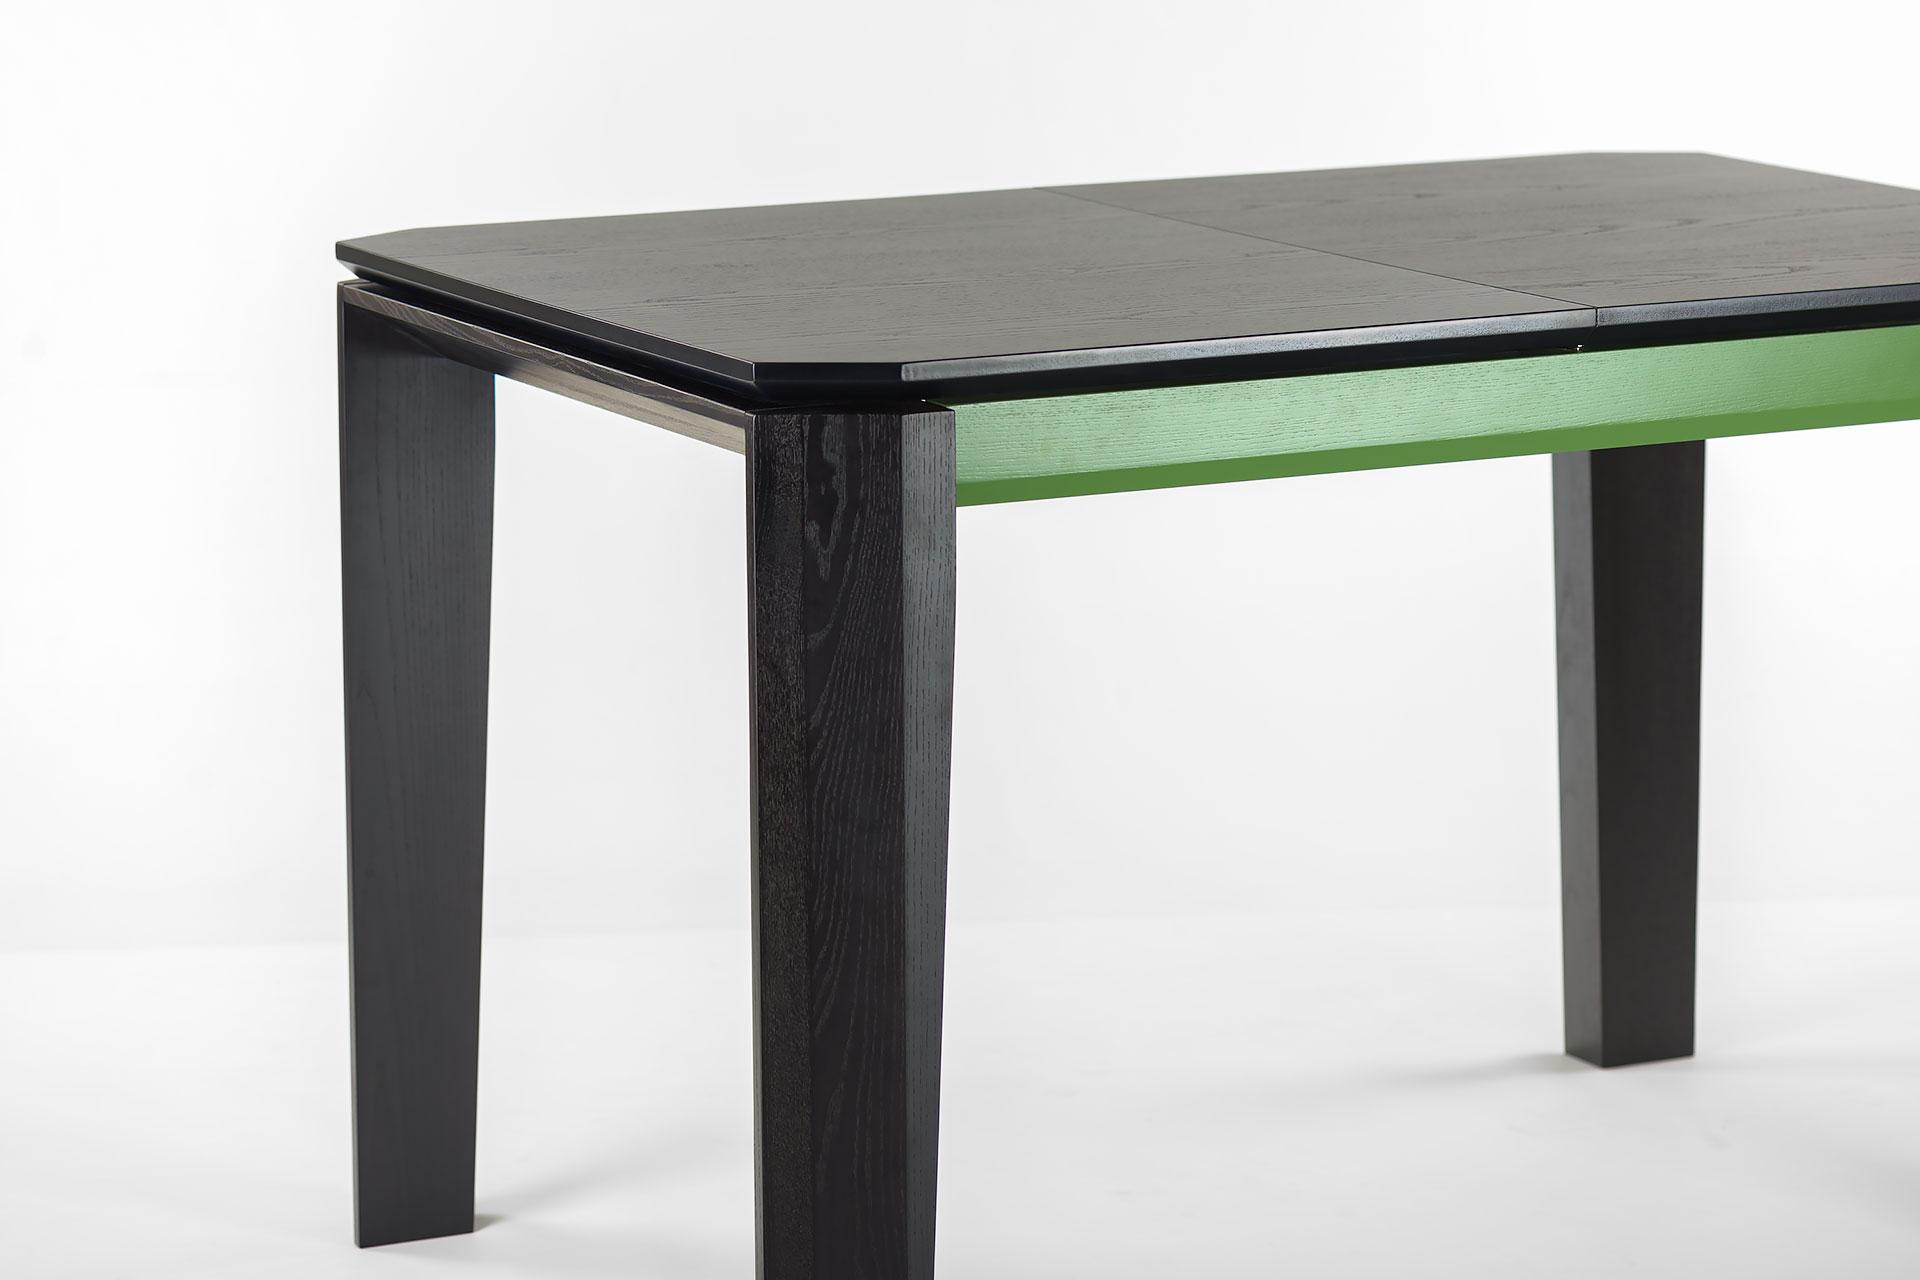 """Раскладной кухонный стол """"Варгас"""" черно-зеленый, шпонированная столешница, твердое дерево, цвет изделия SE7059 / Каркас RAL 6011 (вугол)"""